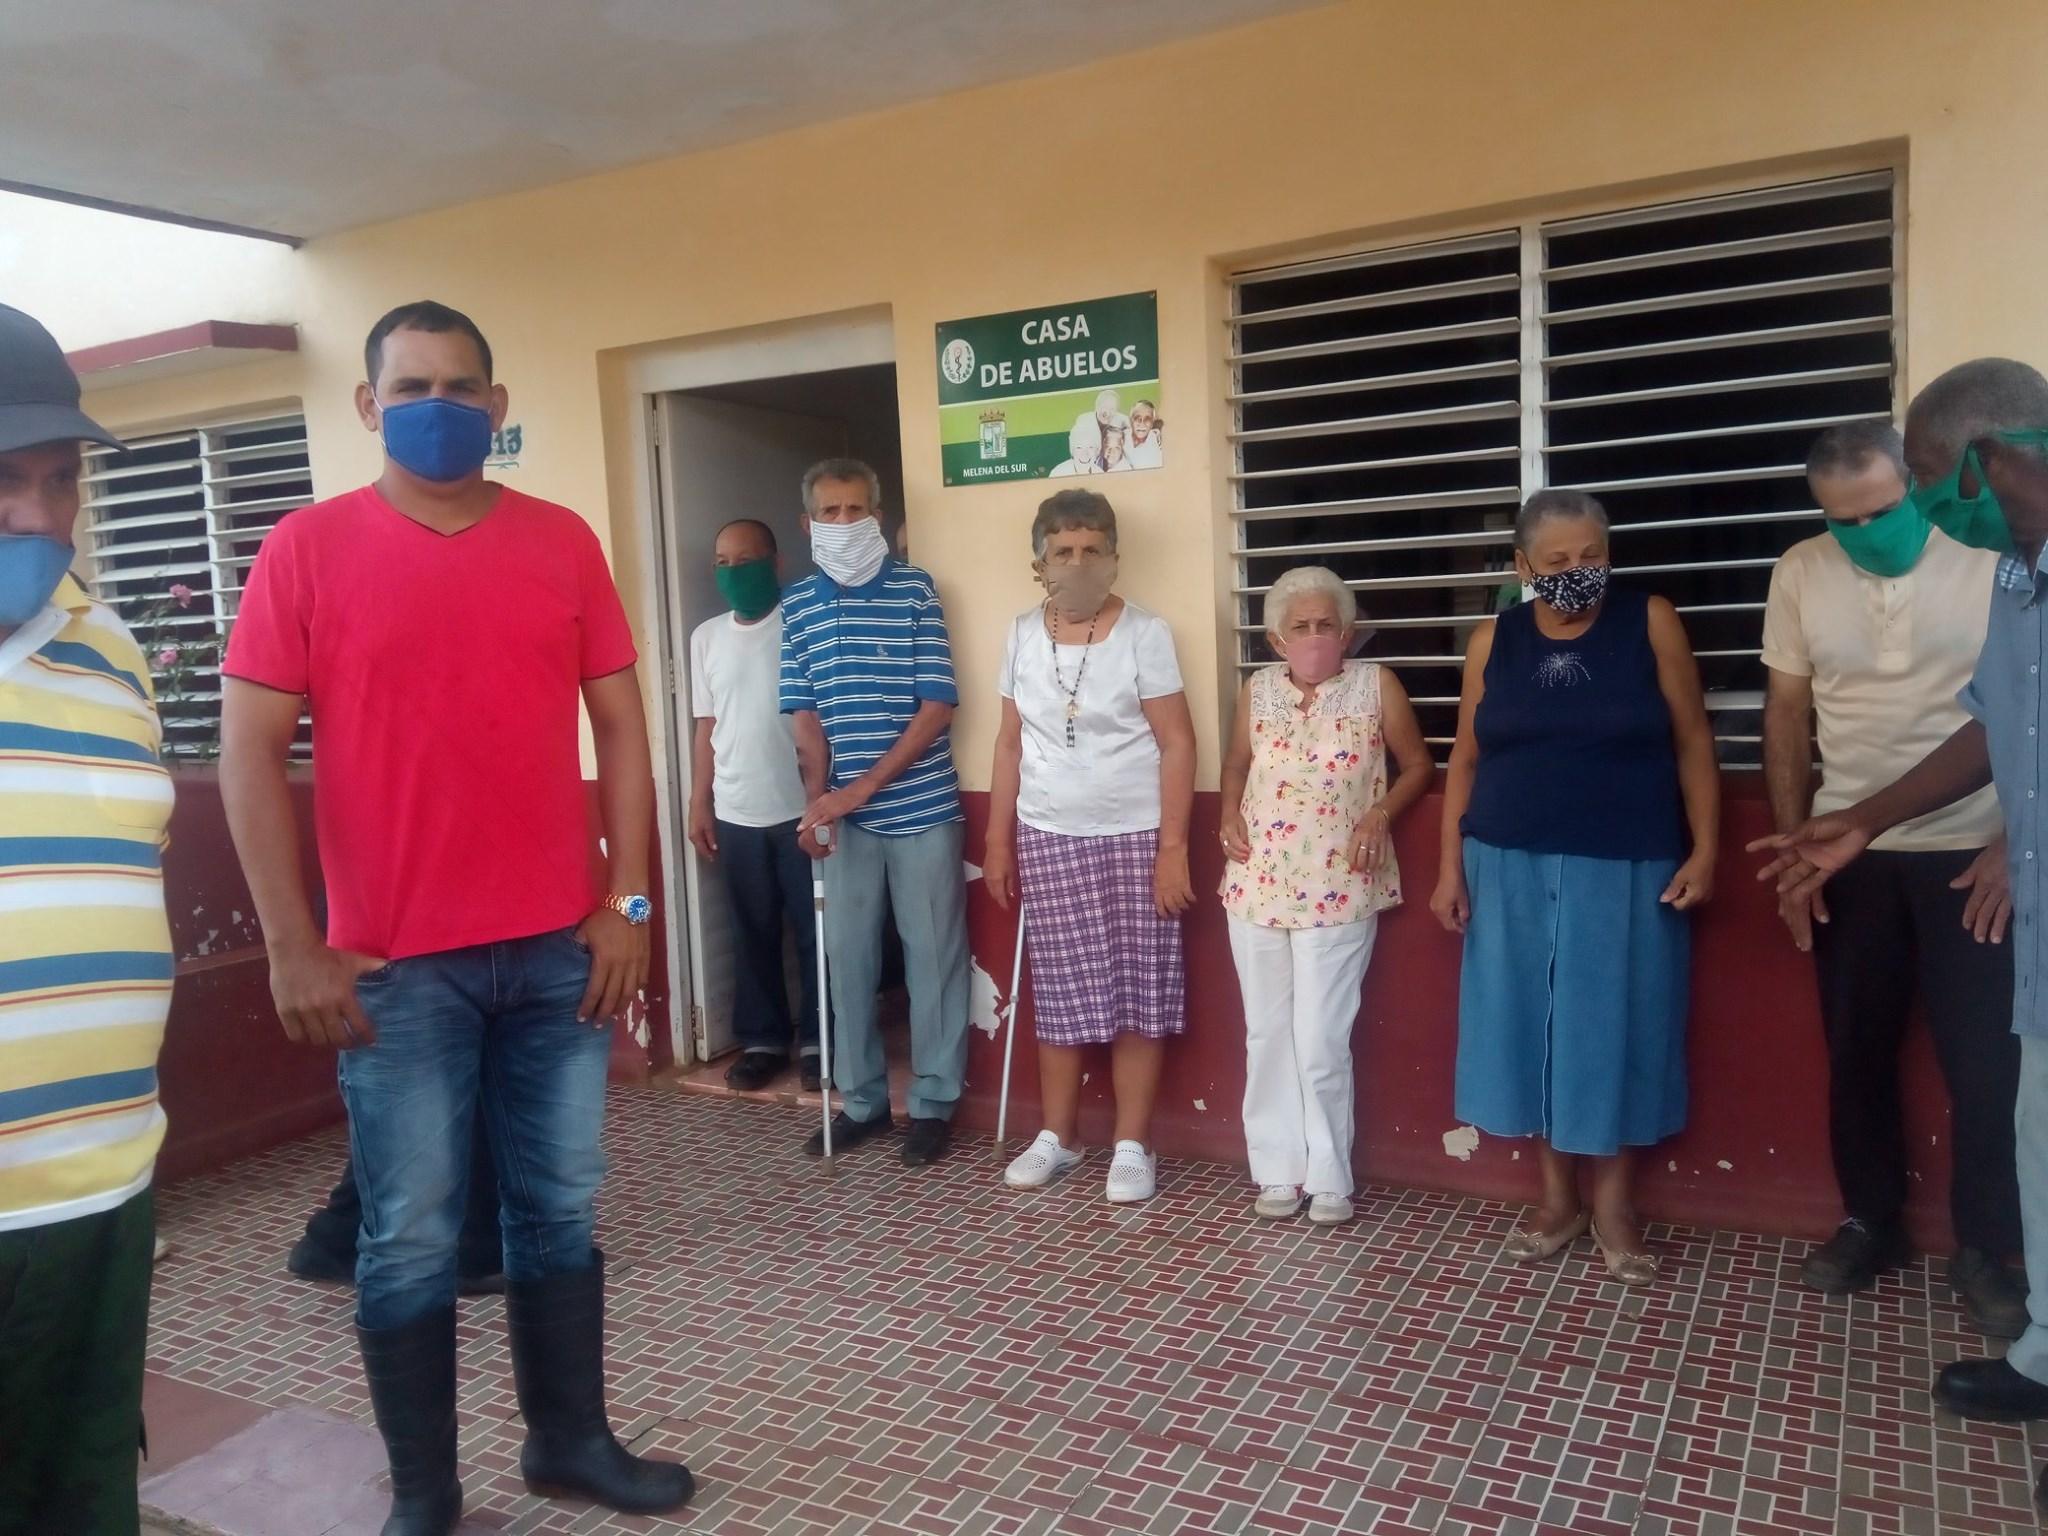 El joven productor Yoharis Chenique Valdéz en la Casa de abuelos de Melena del Sur. Foto: Cortesía de la autora